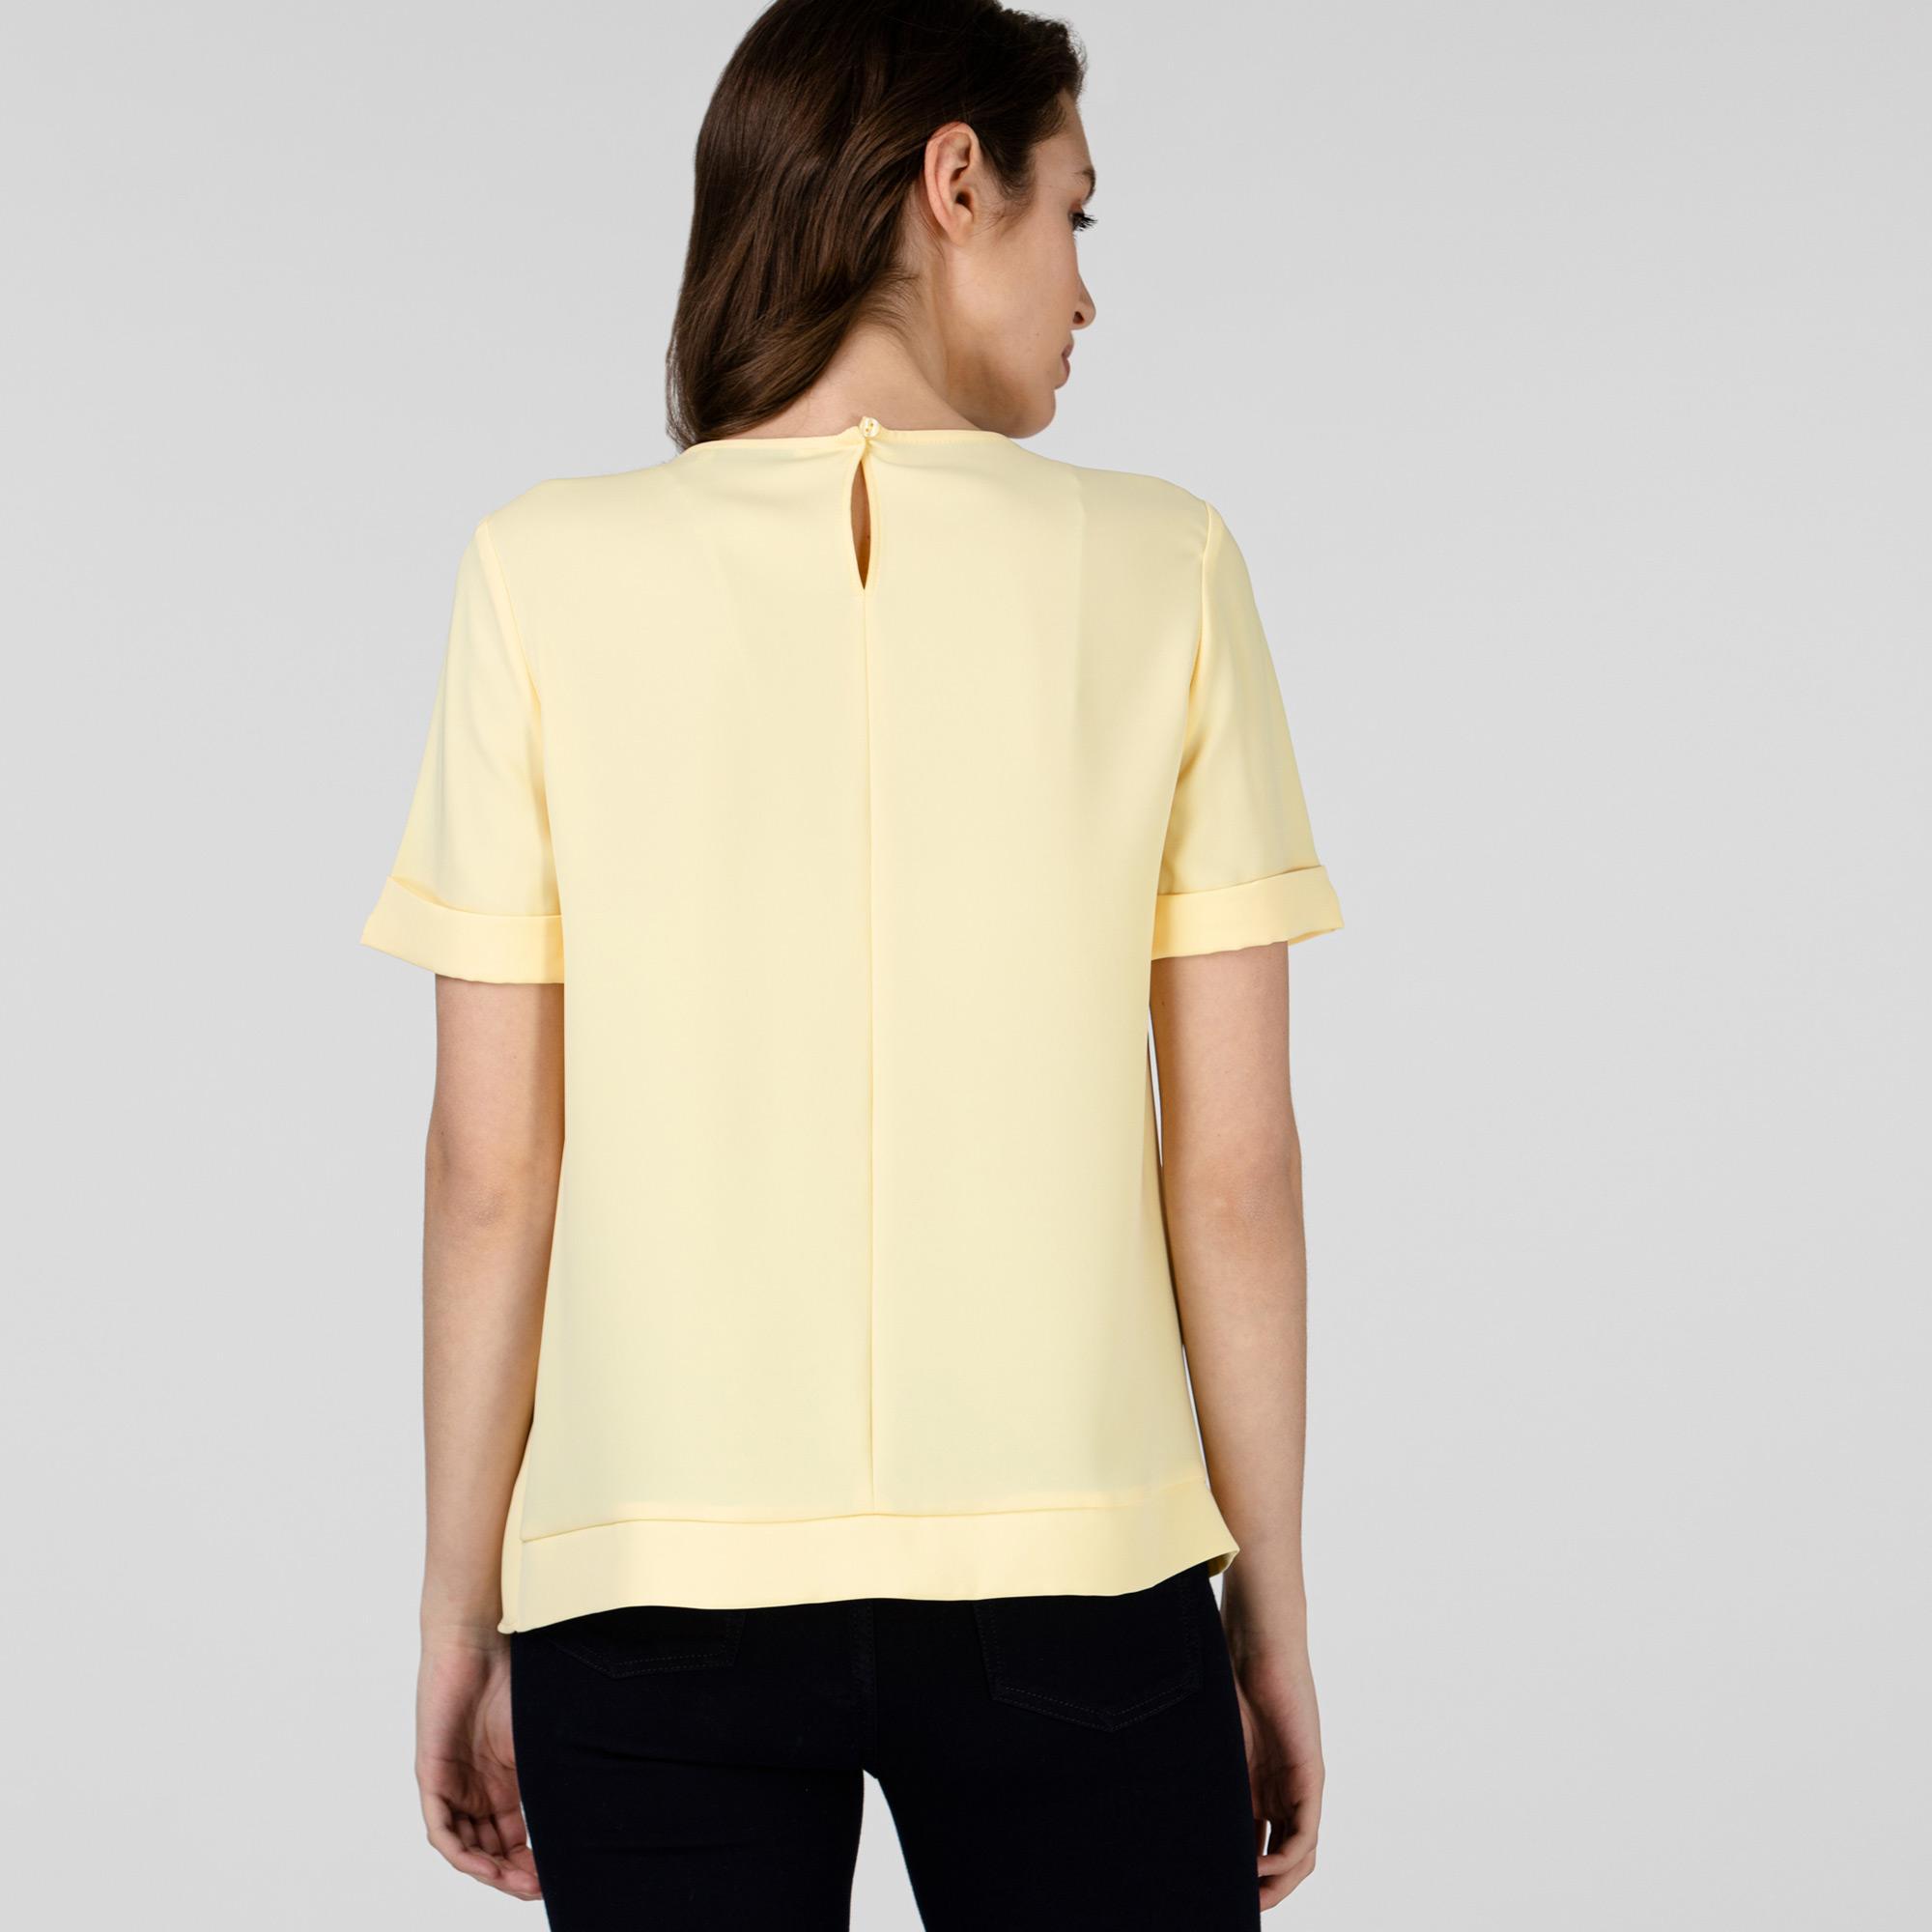 Lacoste Kadın Kısa Kollu Bisiklet Yaka Sarı Bluz